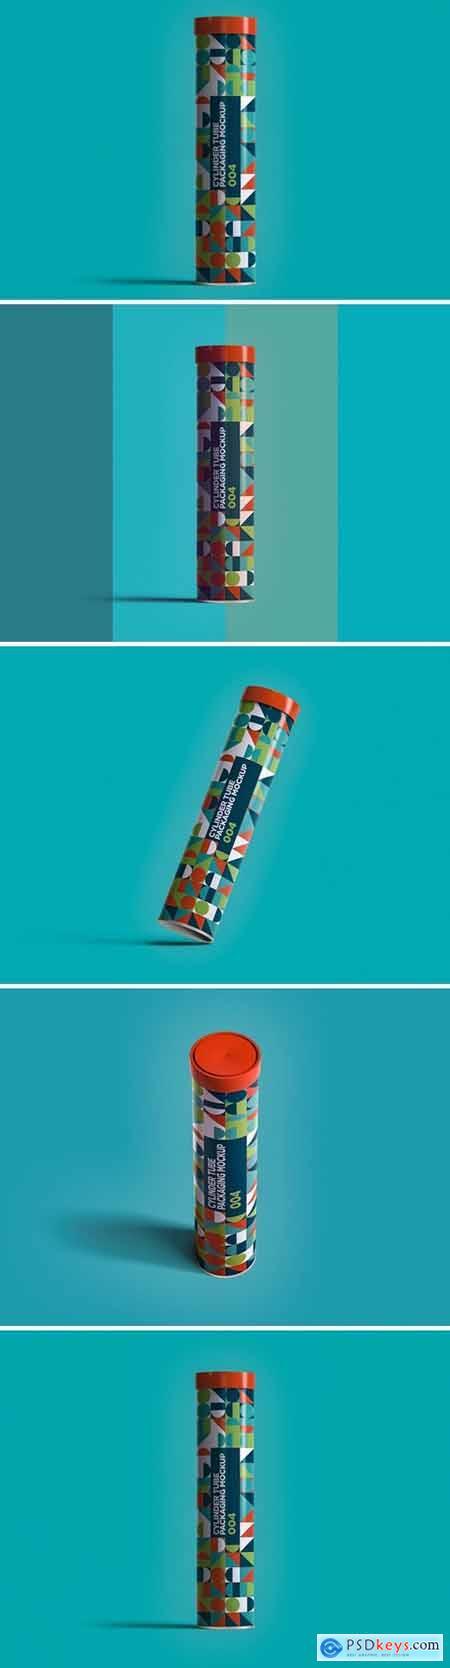 Cylinder Tube Packaging Mockup 004